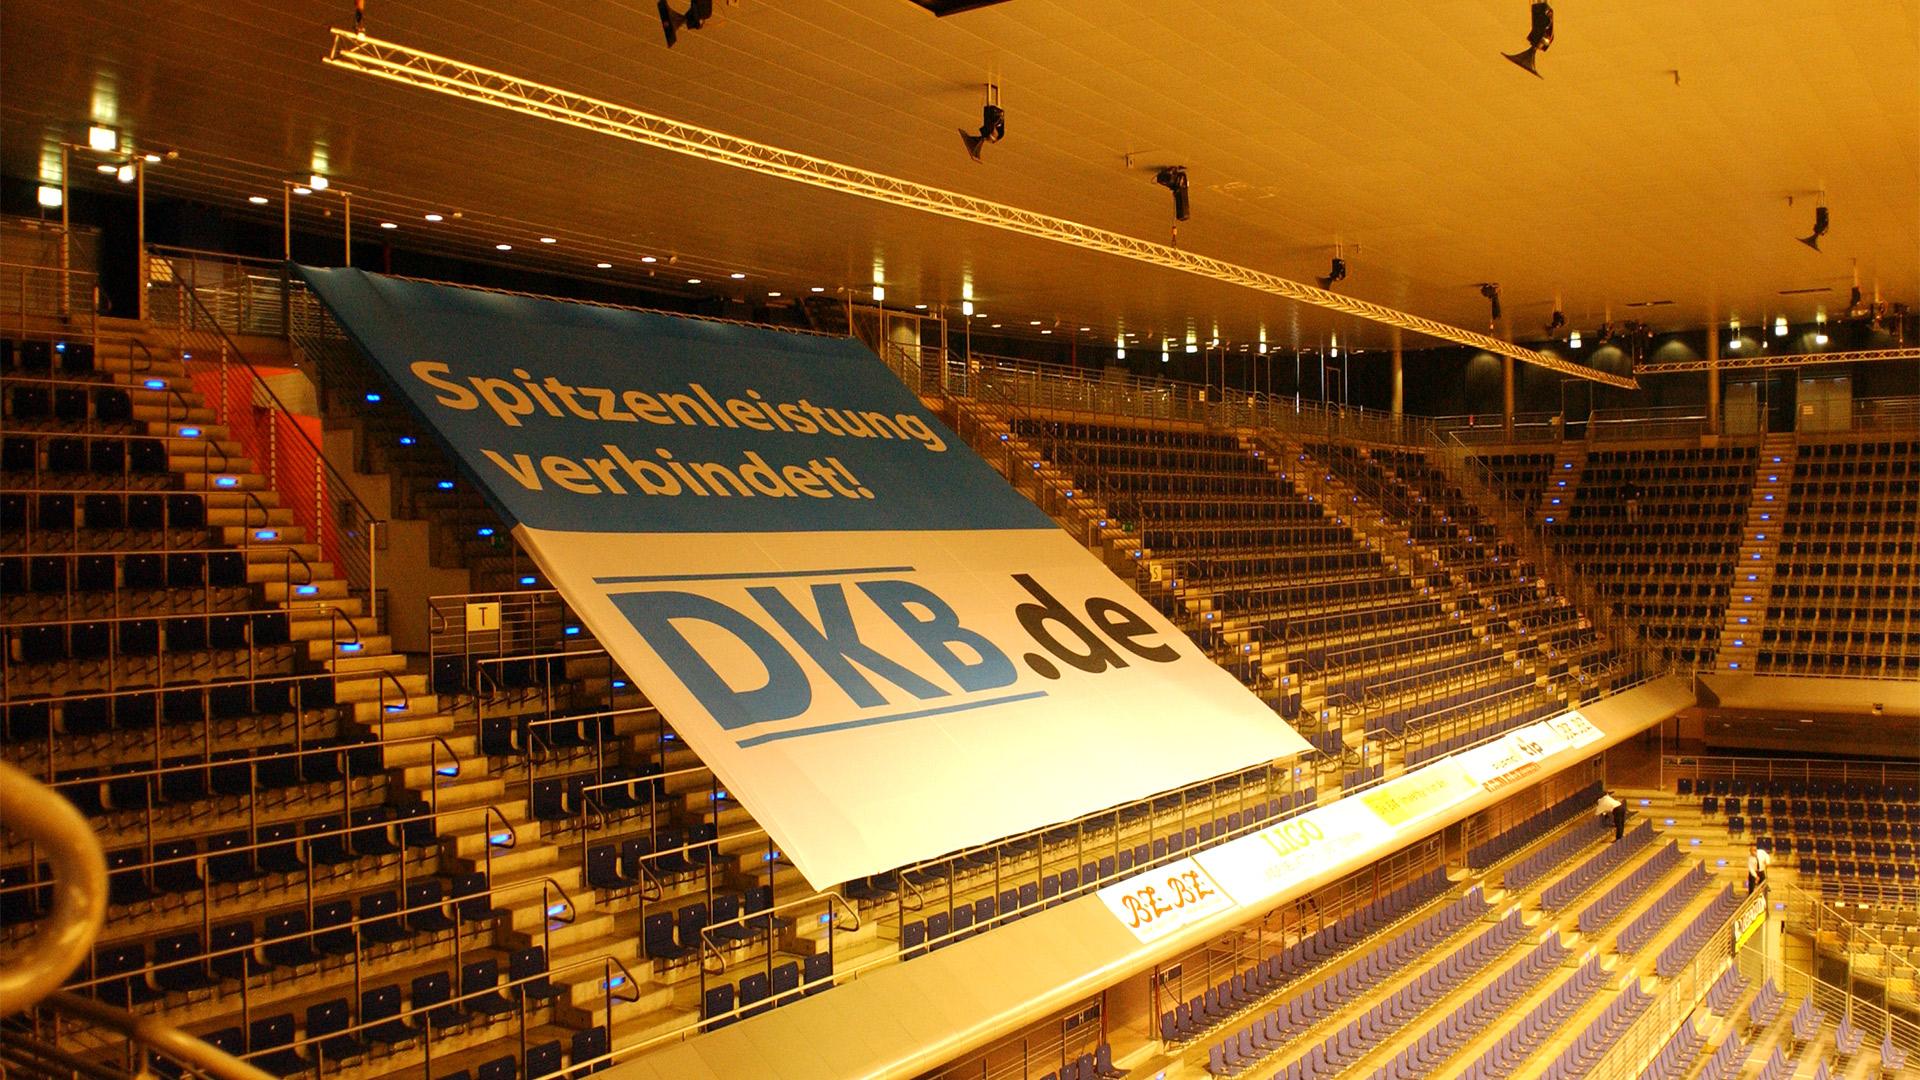 Sport-MSH-Matti-Michalke-Berlin-Brandenburg-Aussenwerbung-Innenwerbung-Banner-Planen-Folien-Werbemittel-Druck-Print